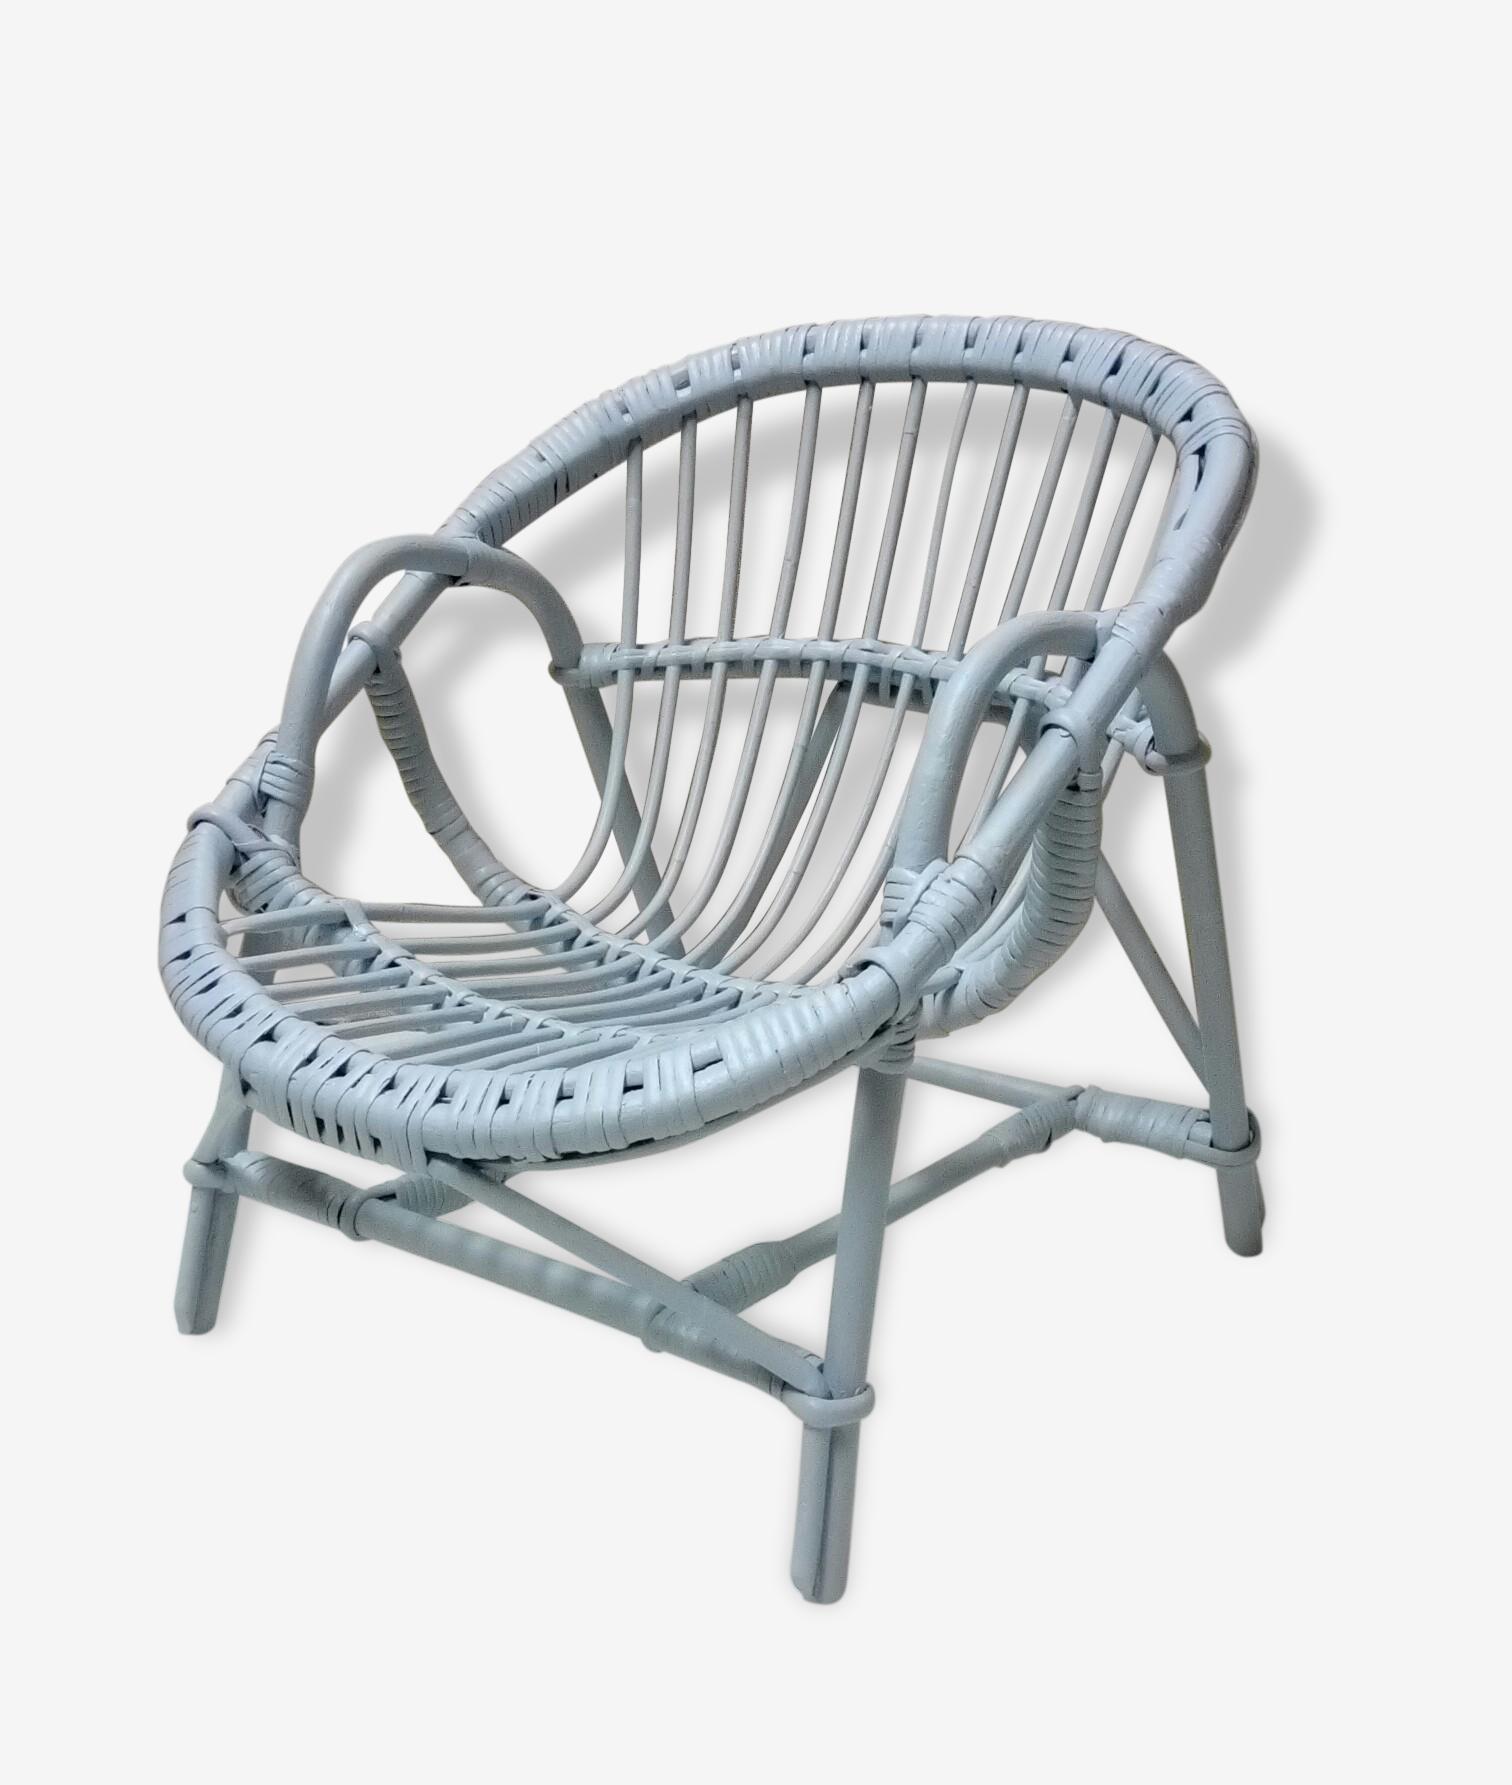 Ancien petit fauteuil osier enfant fauteuil rotin repeint en gris